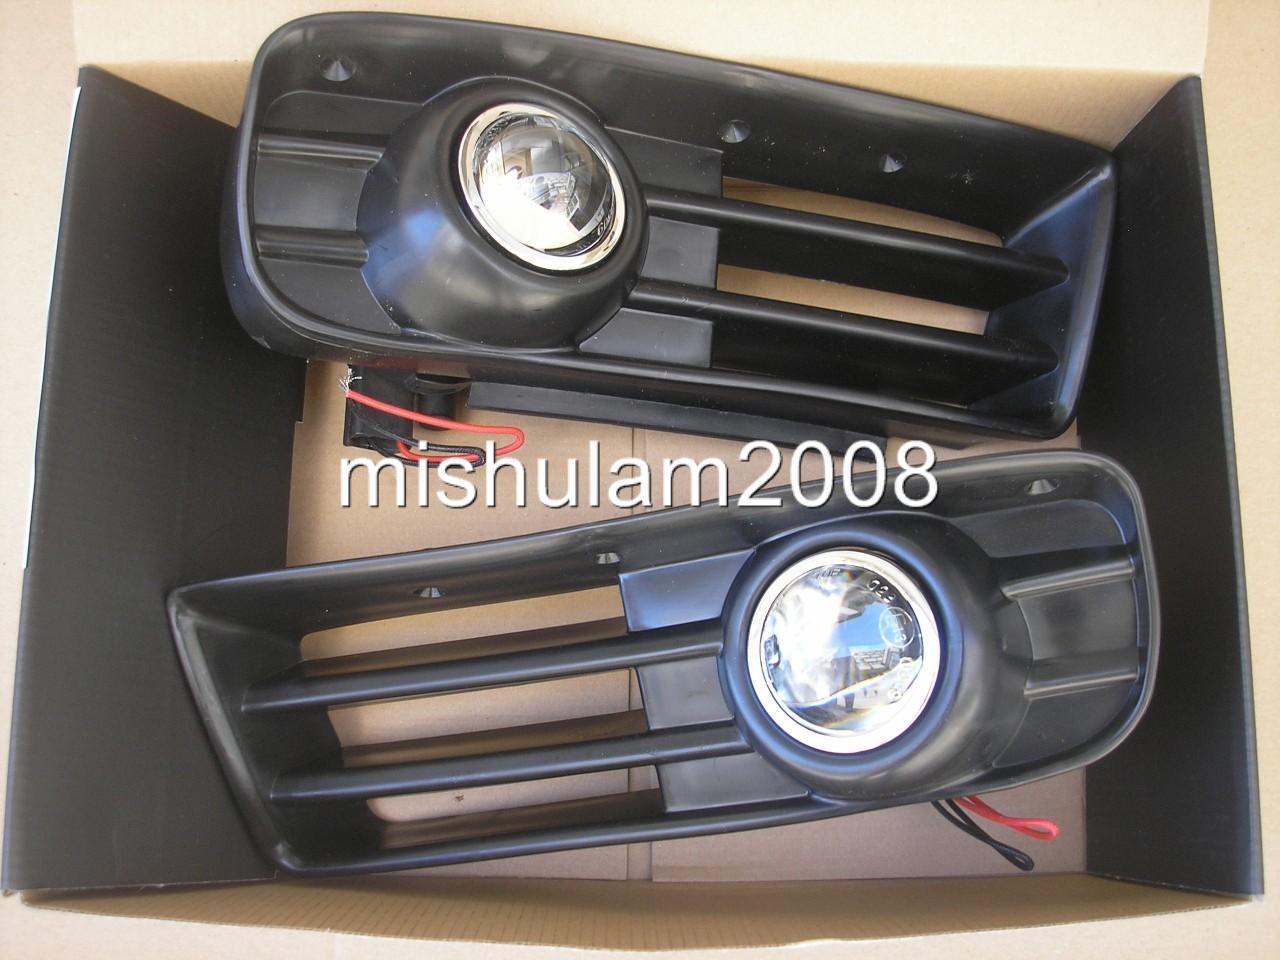 nebelscheinwerfer blenden f r vw golf 4 iv 1997 2004 e. Black Bedroom Furniture Sets. Home Design Ideas